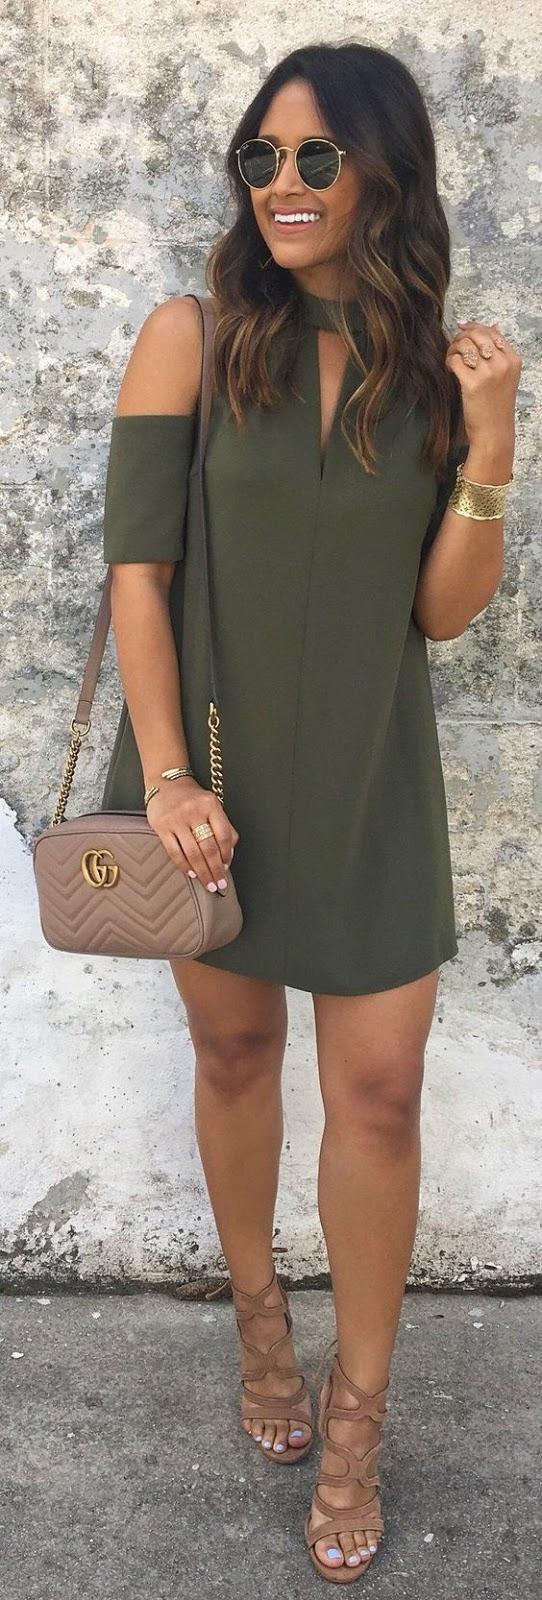 fashionable outfit_khaki dress + bag + sandals